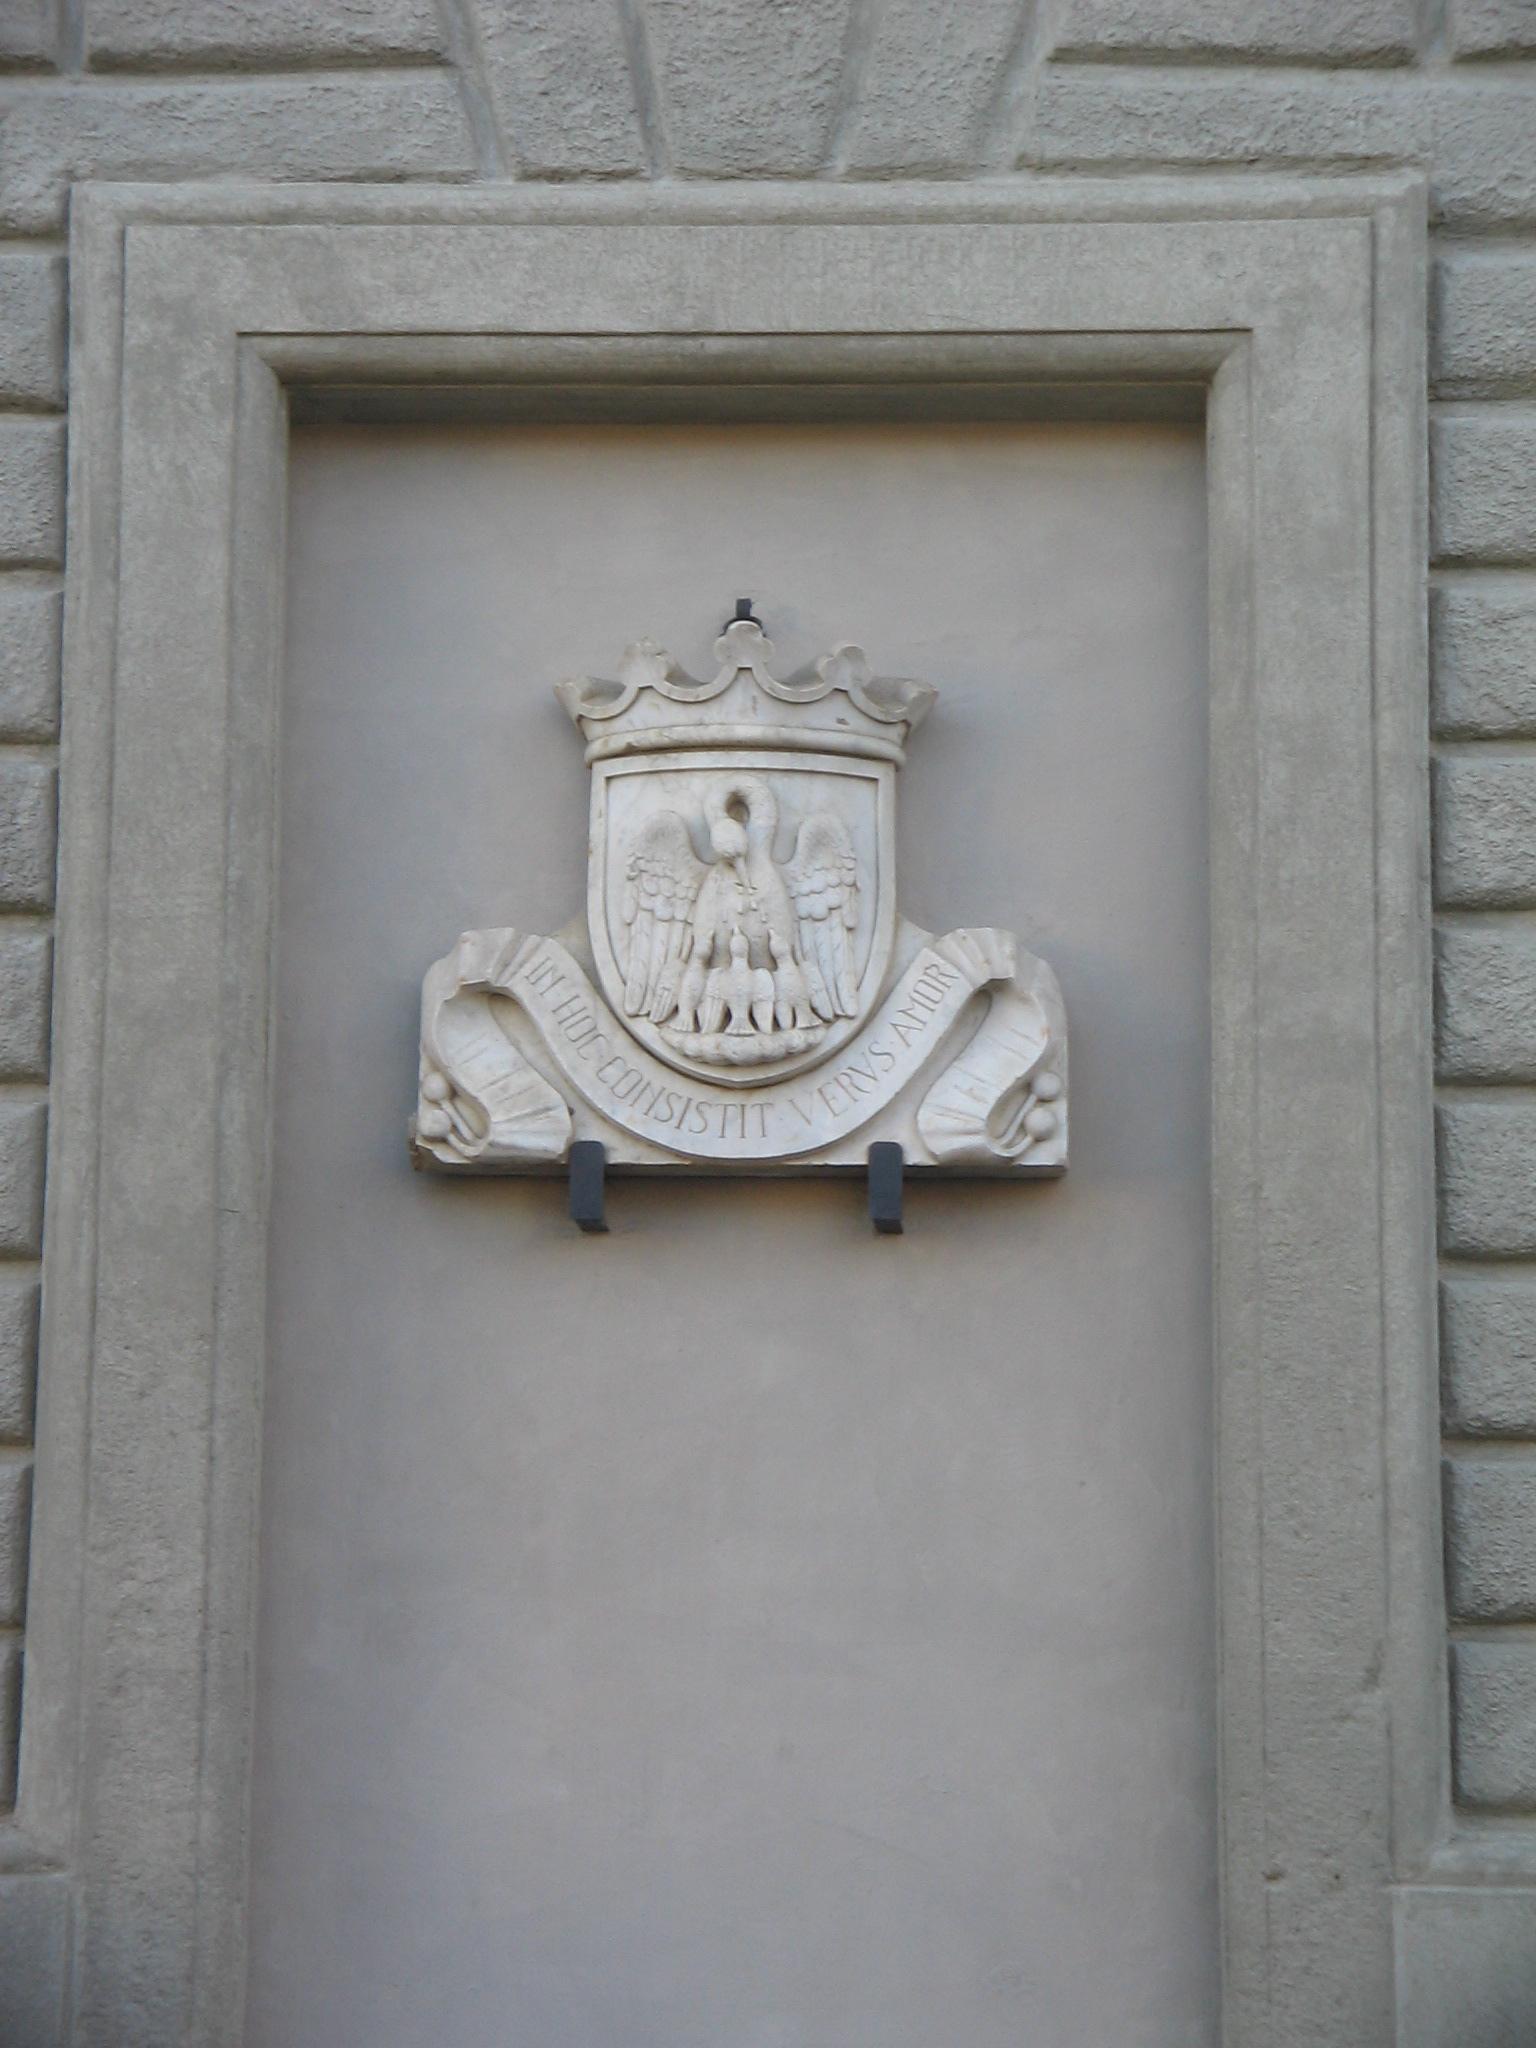 Matrimonio Oriolo Romano : File oriolo romano stemma marmo g wikimedia commons